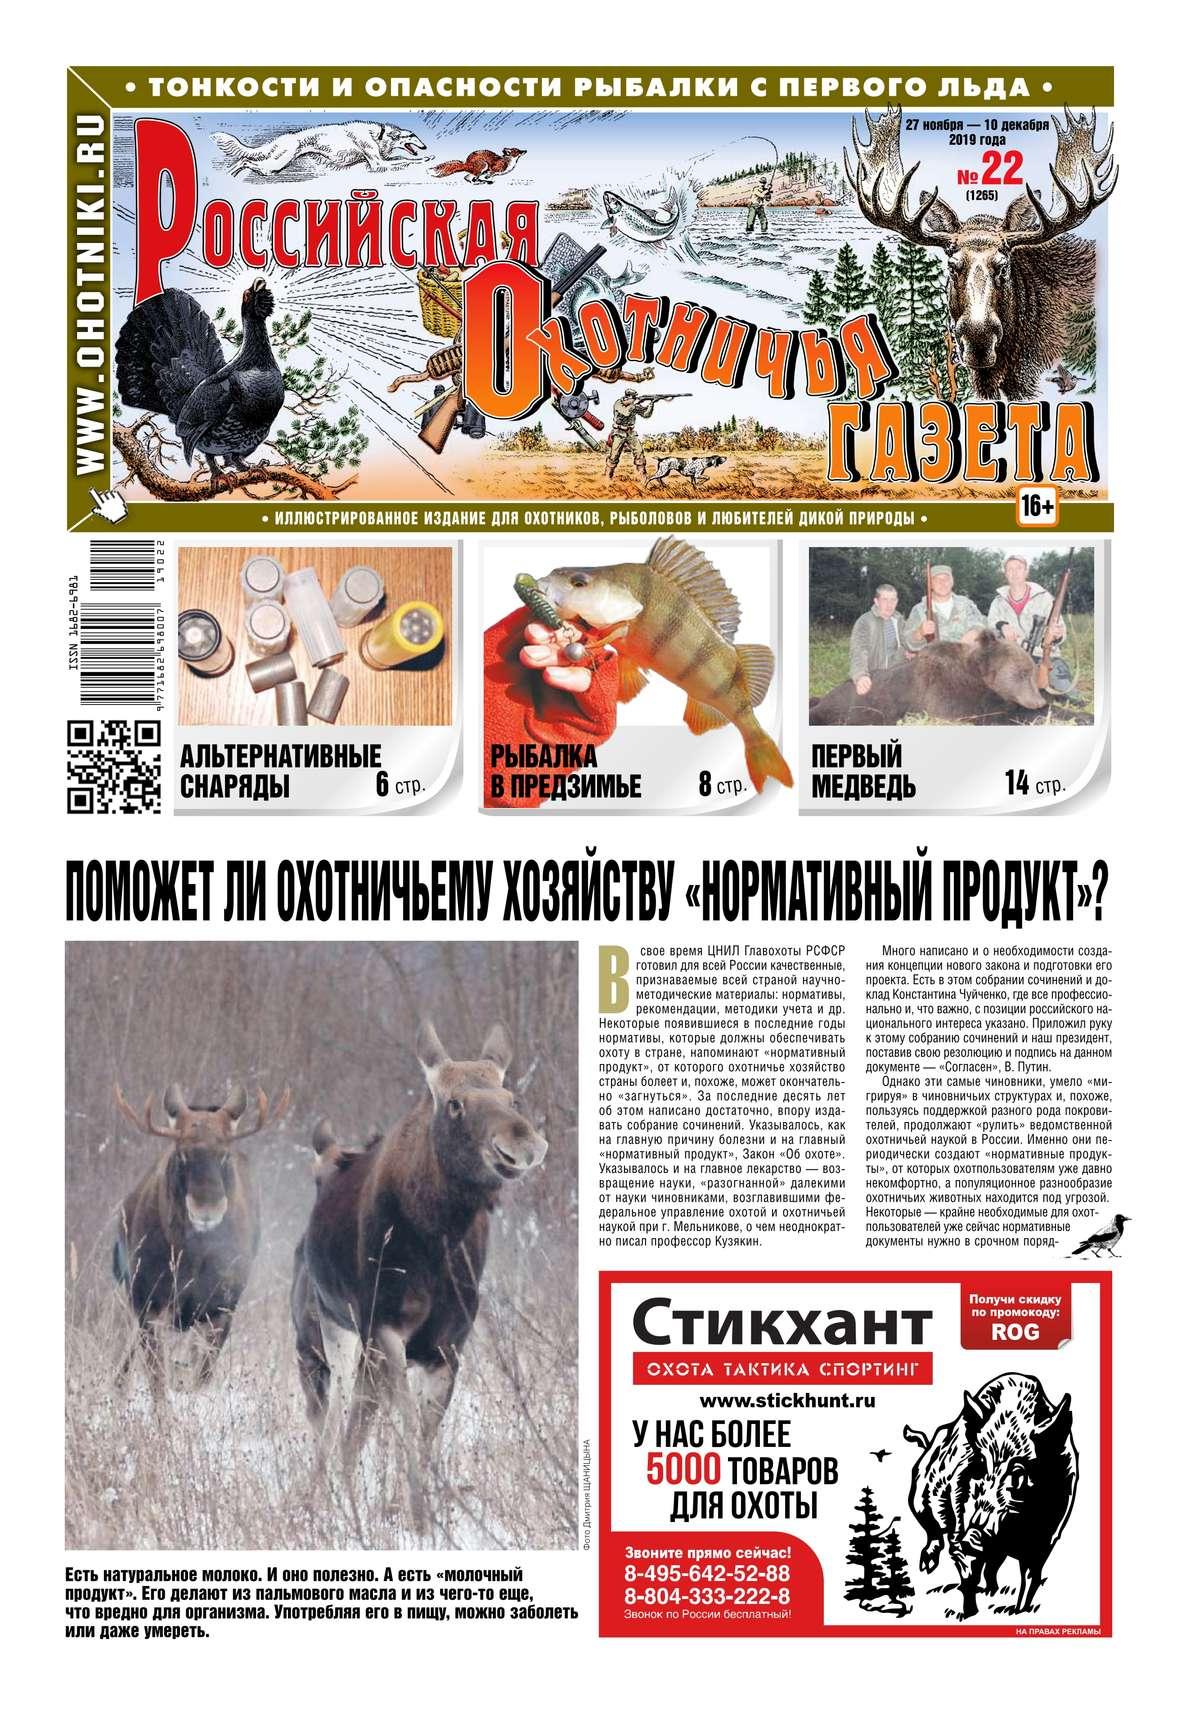 Российская Охотничья Газета 22-2019